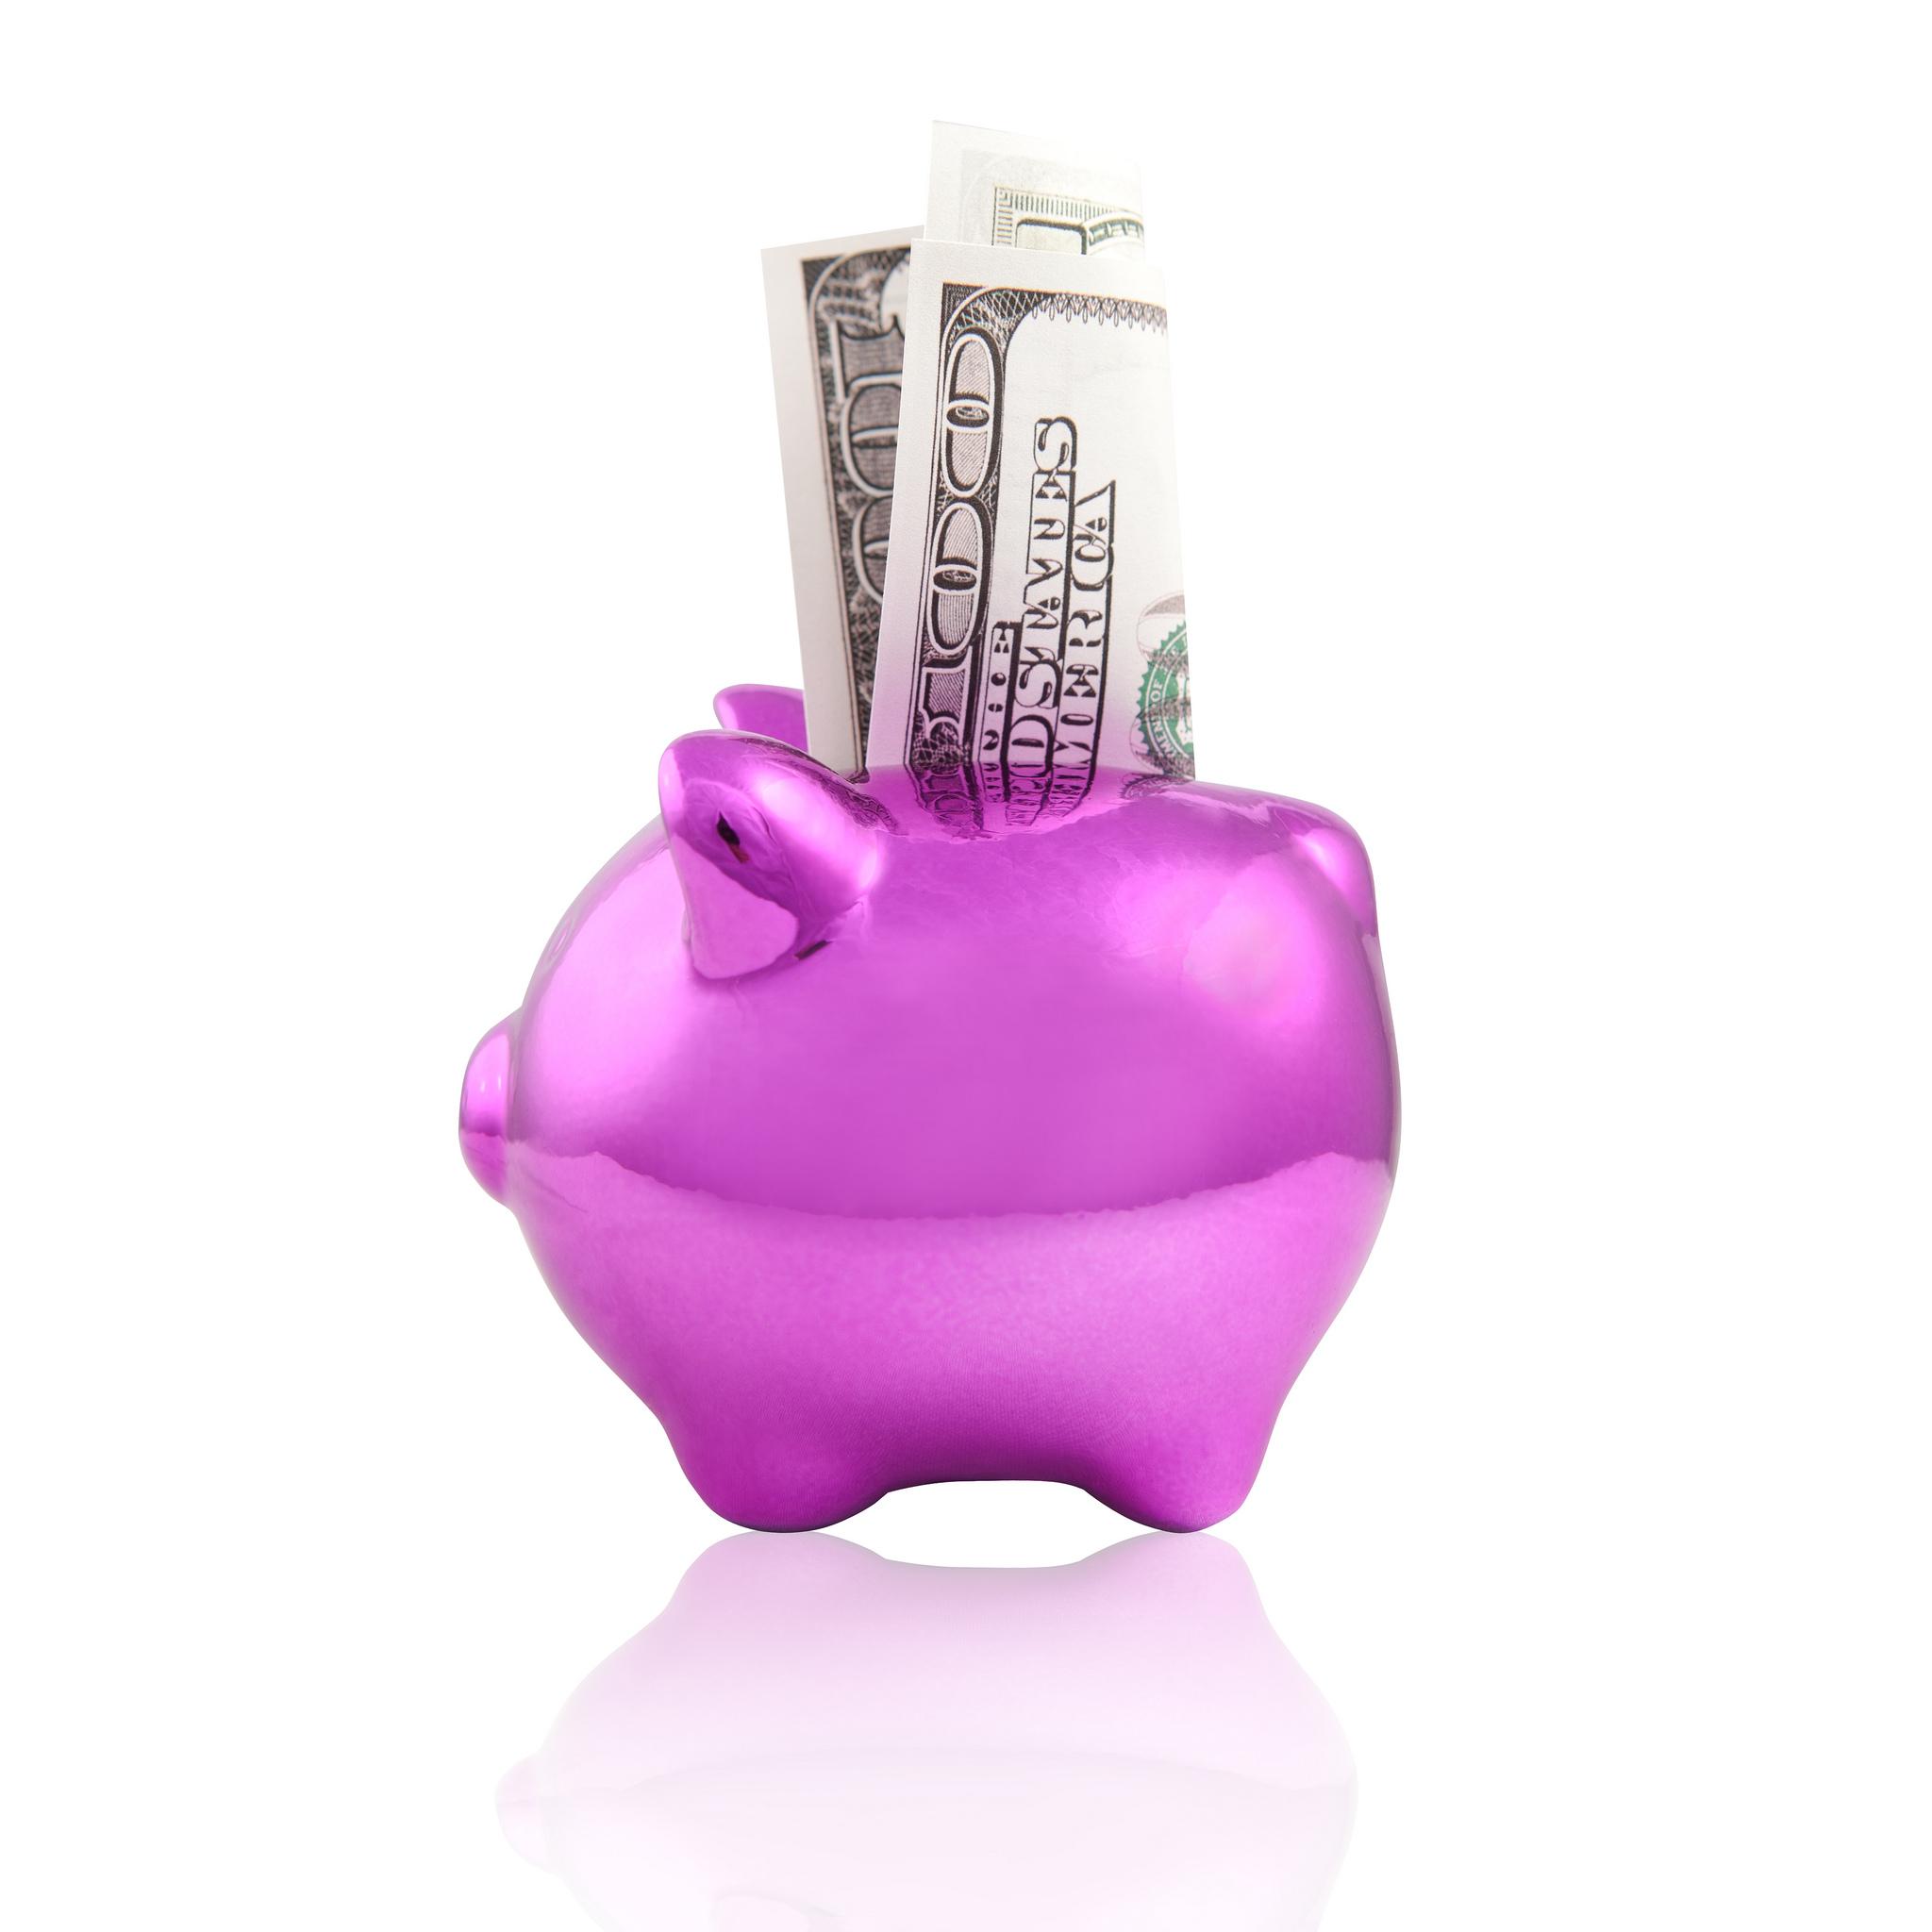 rachunek bankowy, jednoosobowa działalność gospodarcza